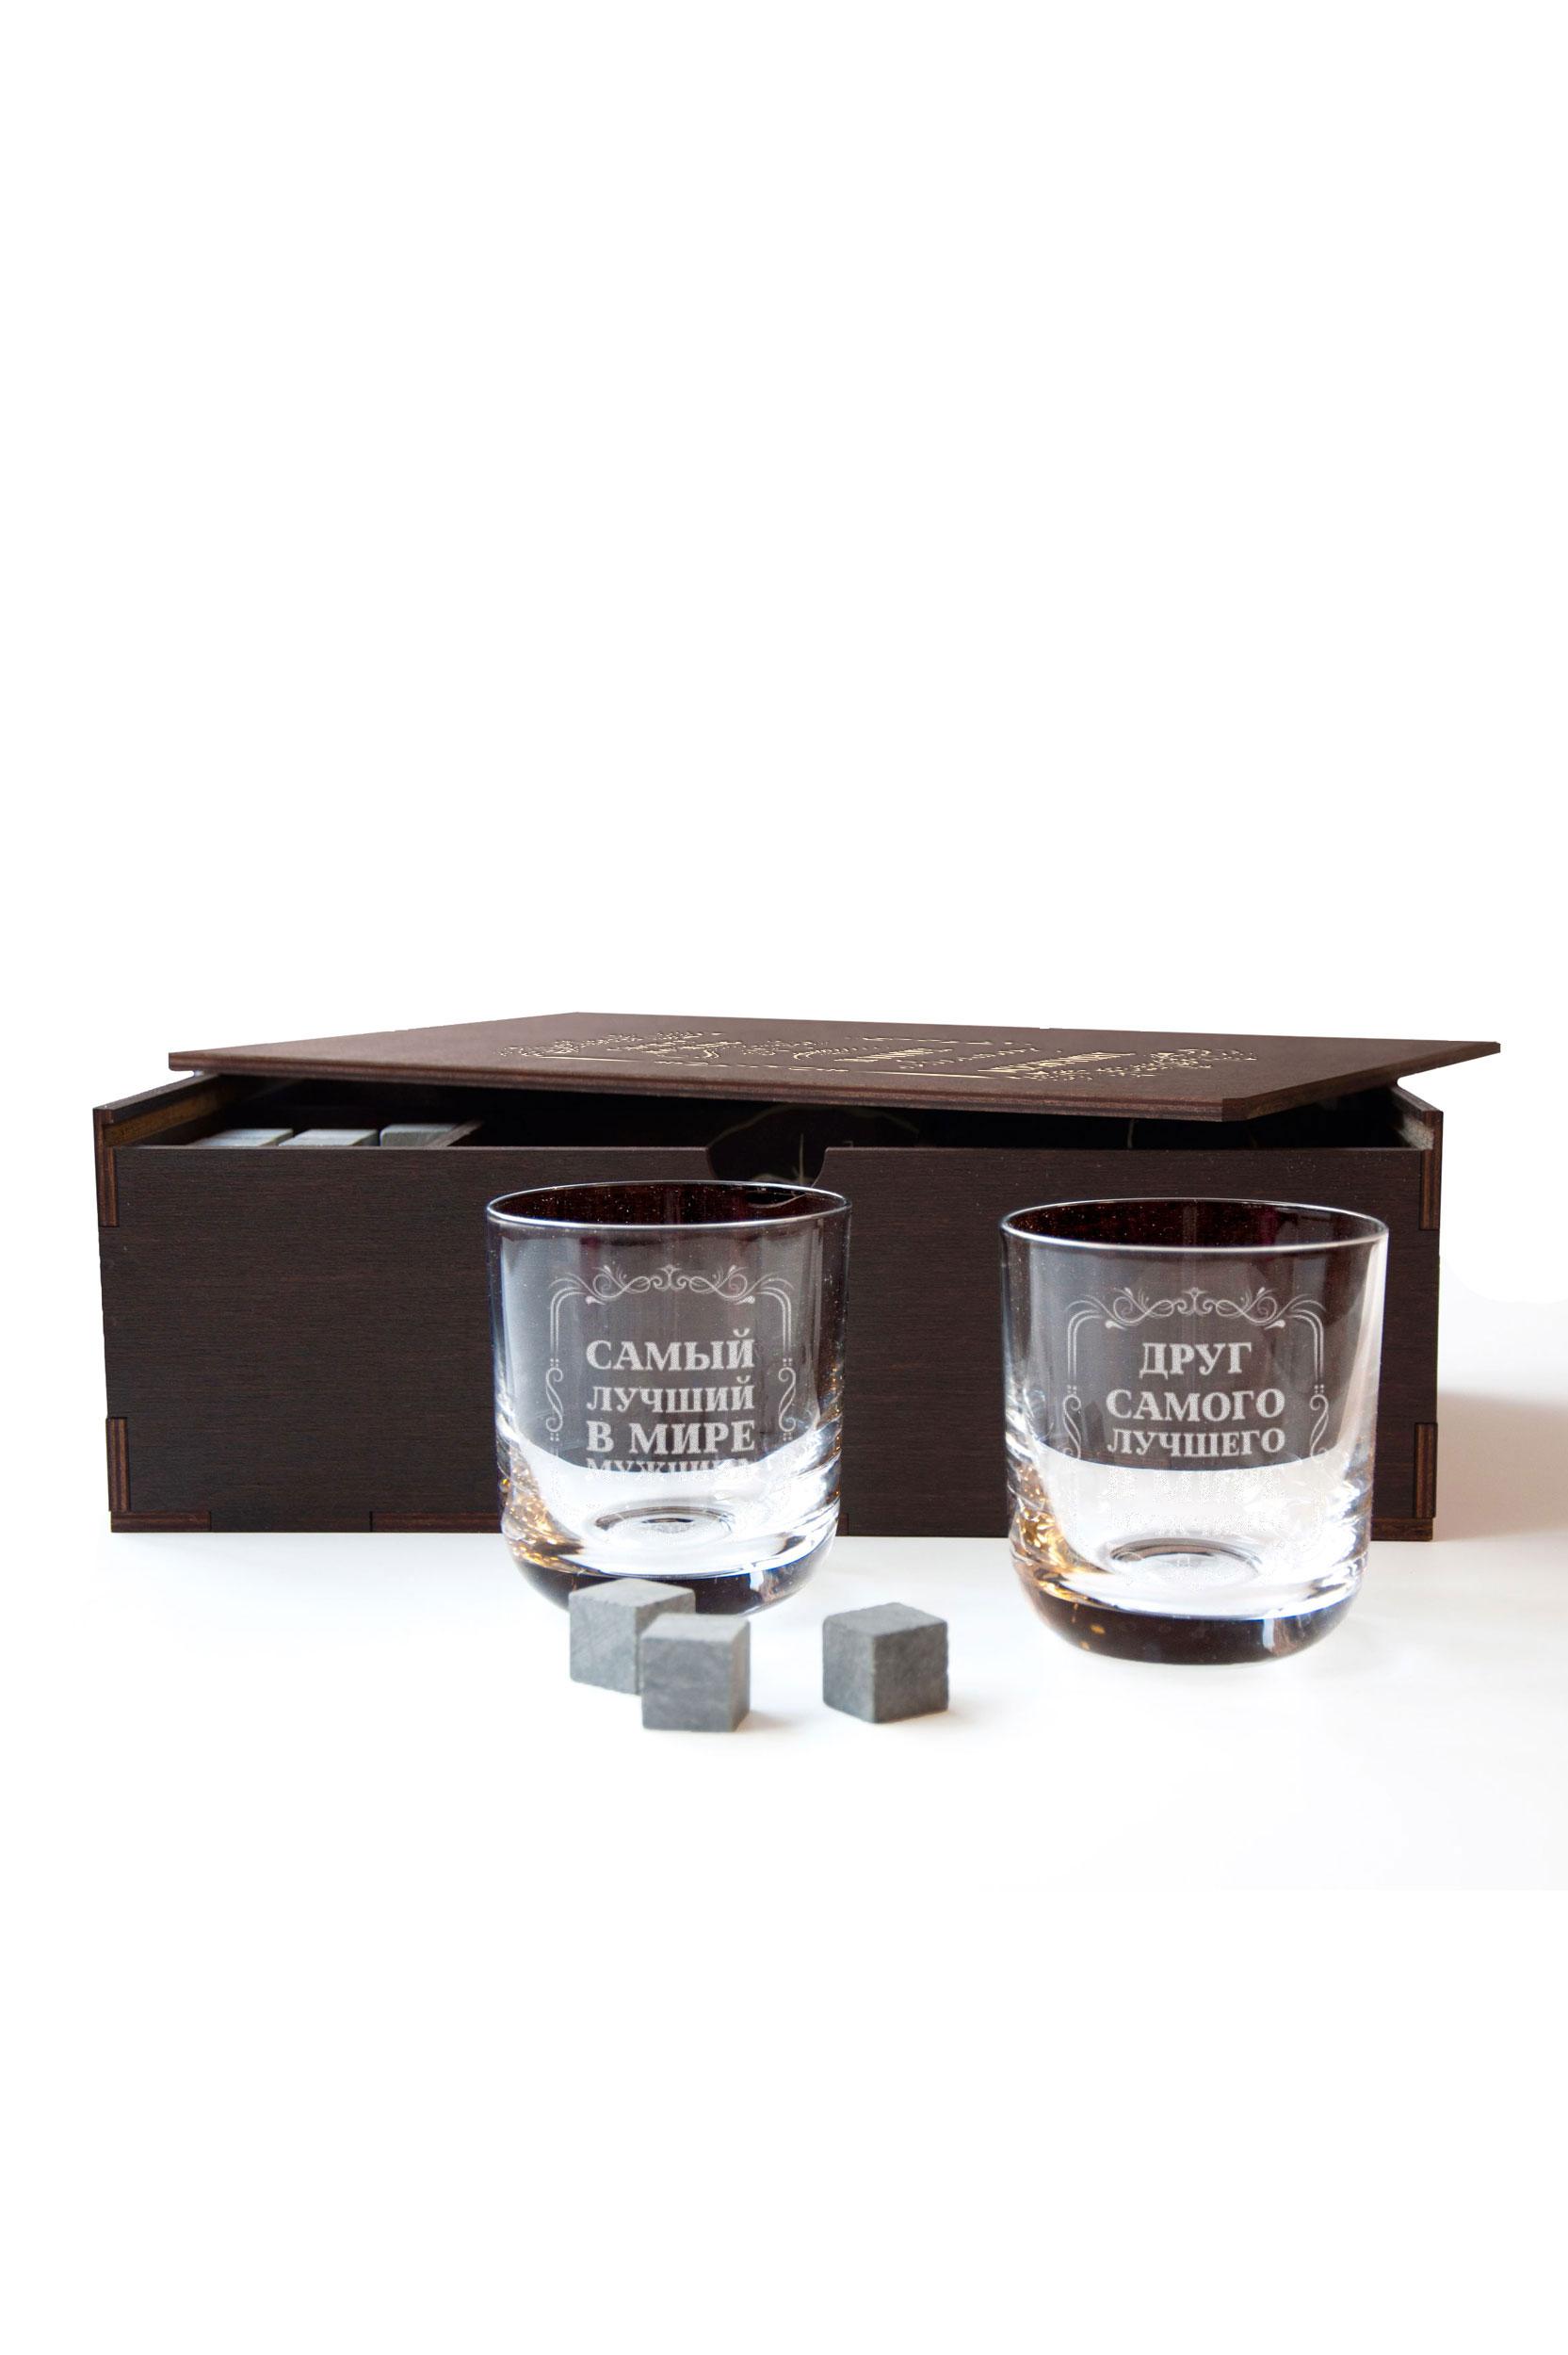 Набор стаканы и охлаждающие камни для виски